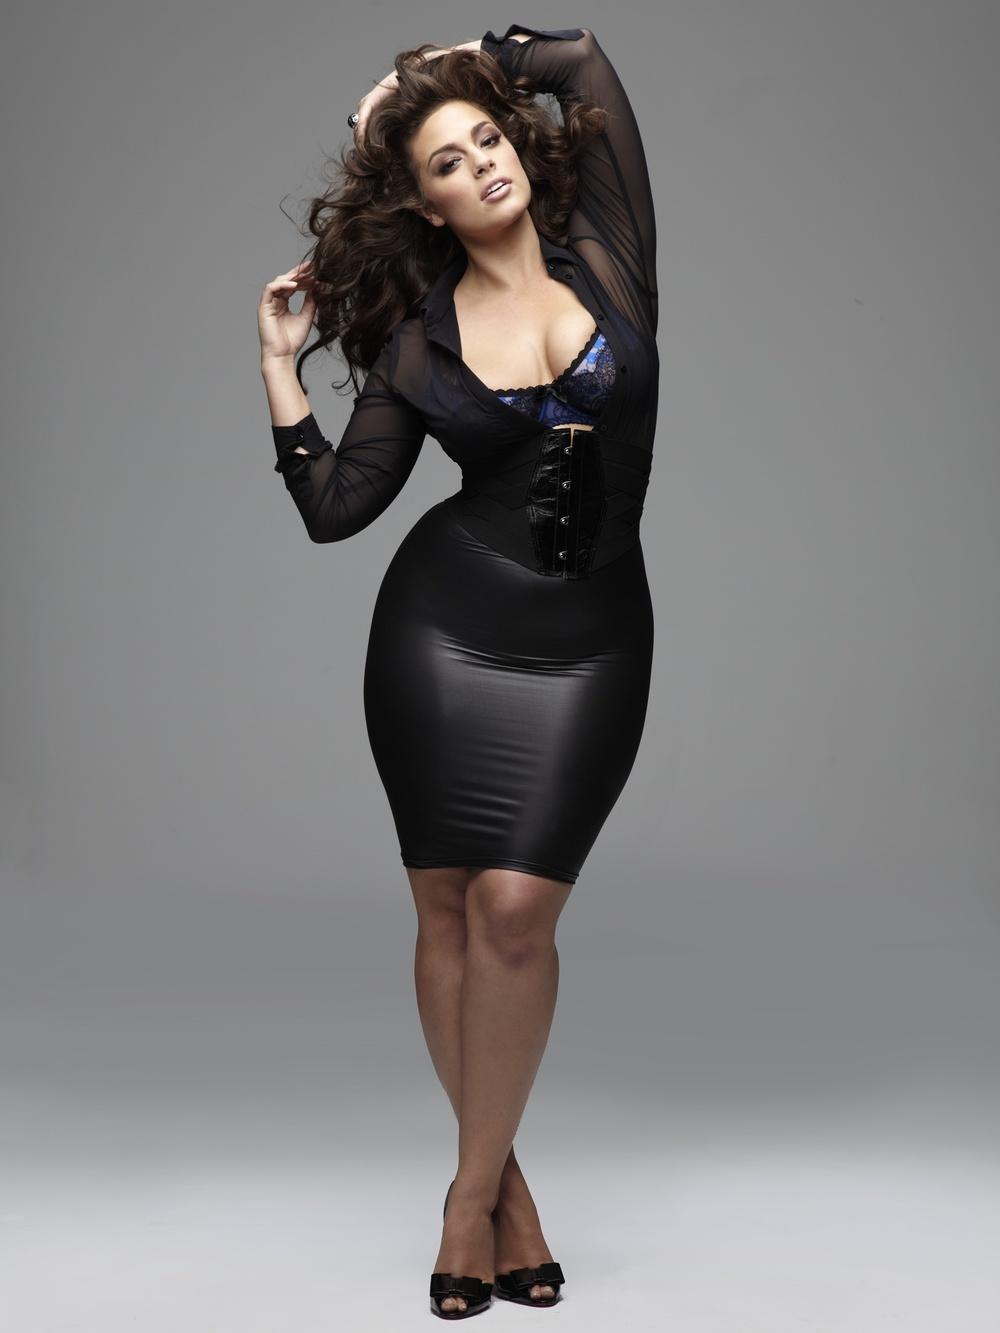 Женщины с огромными формами